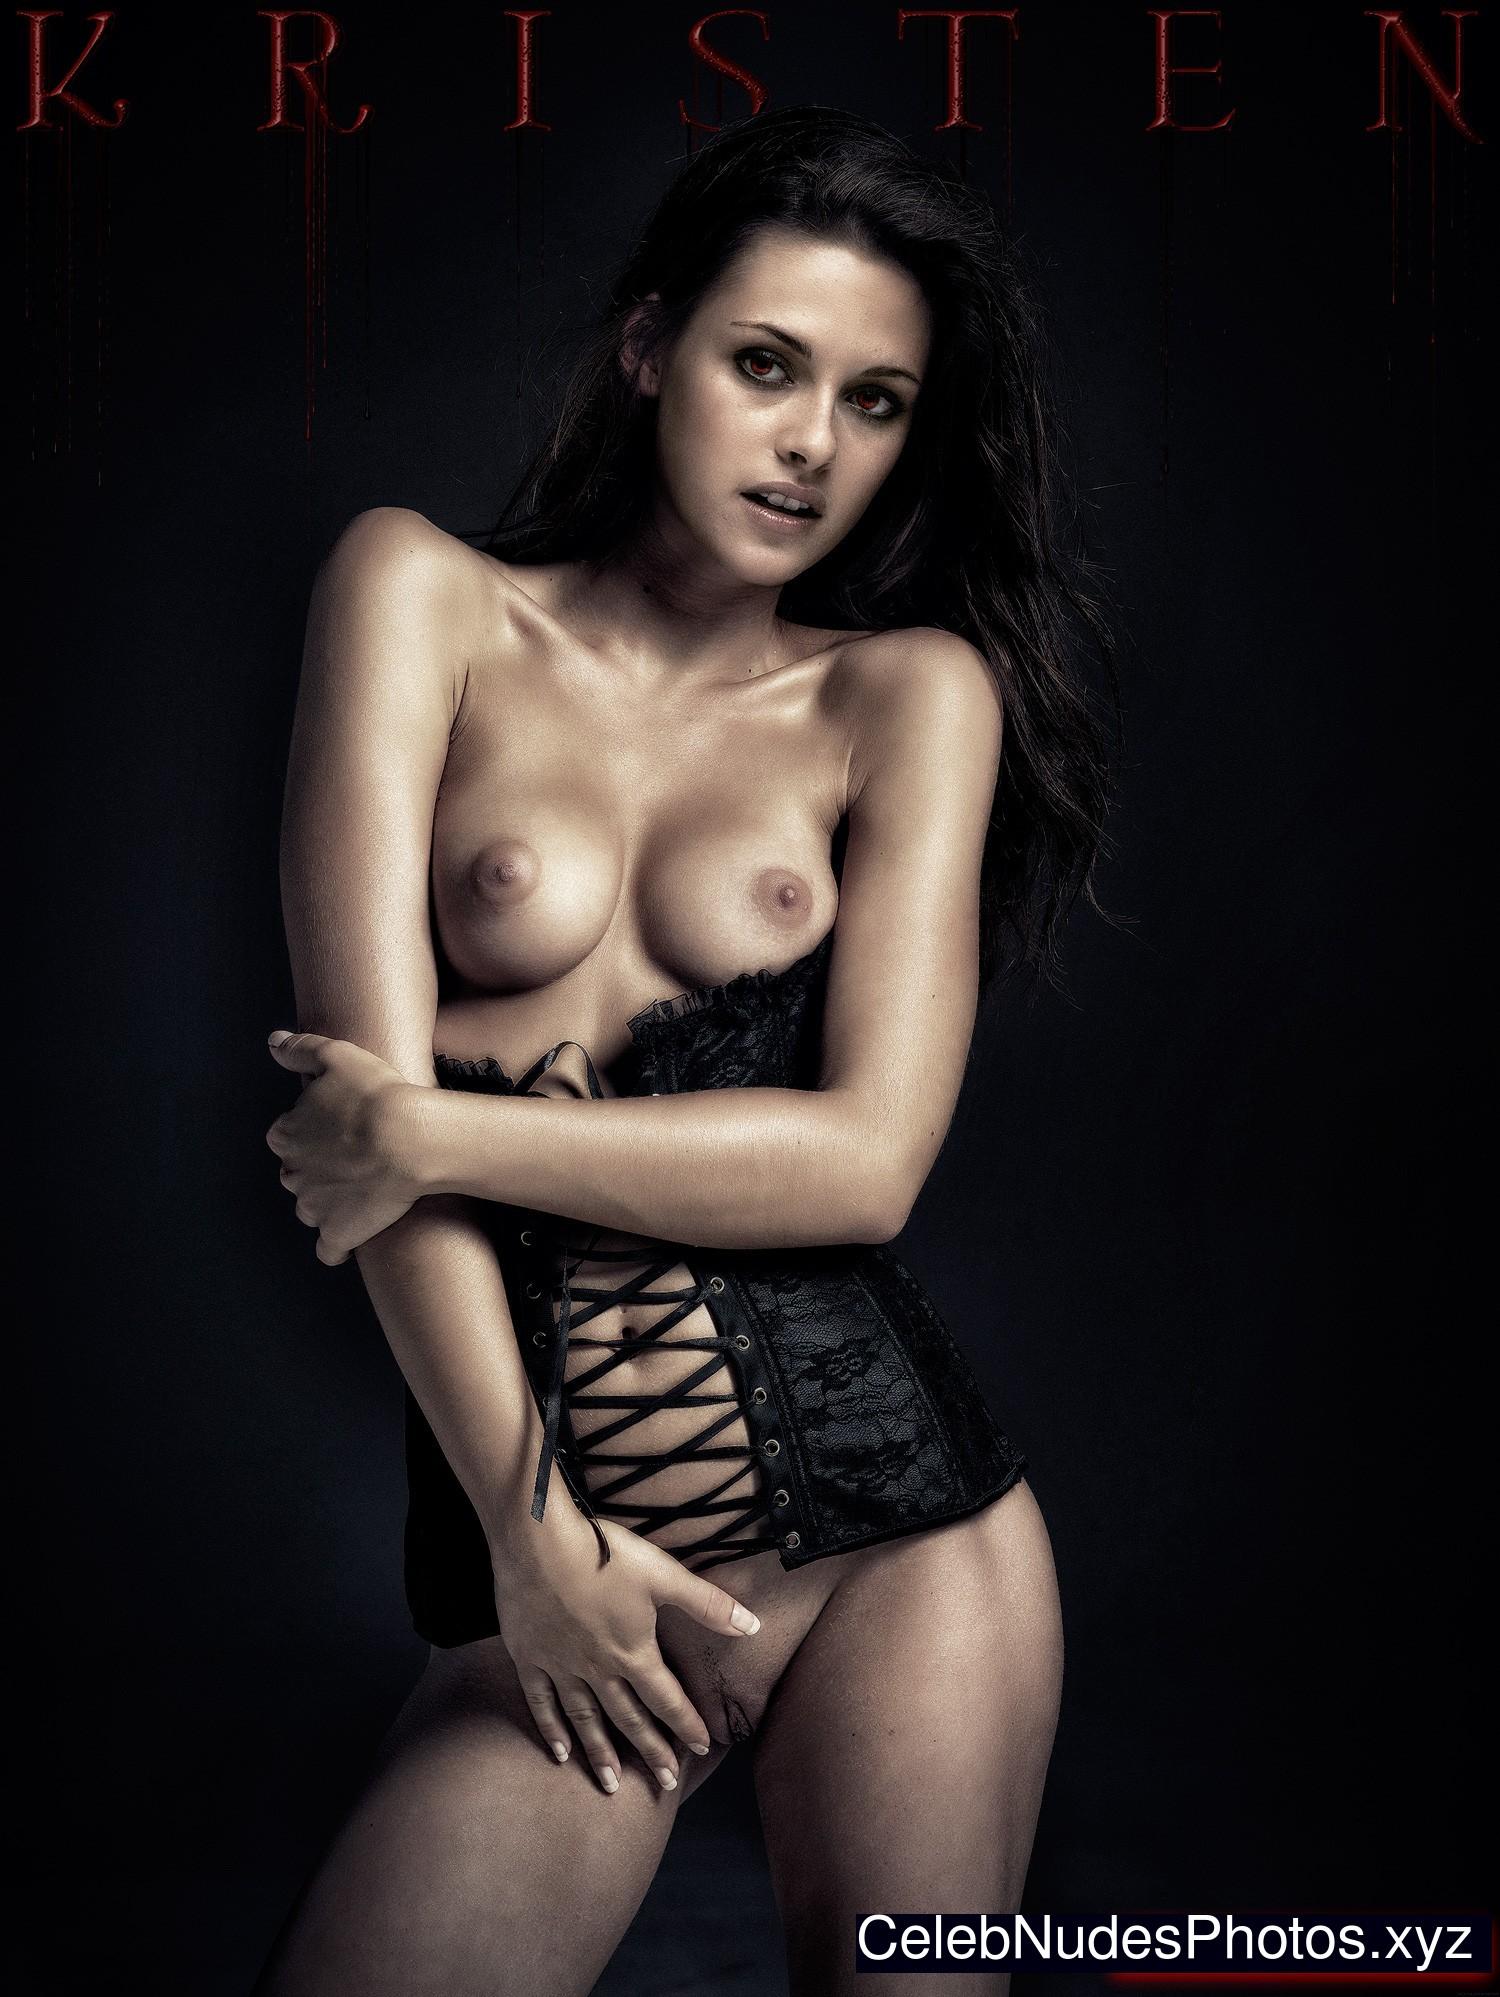 Kristen Stewart Celebrities Naked sexy 7